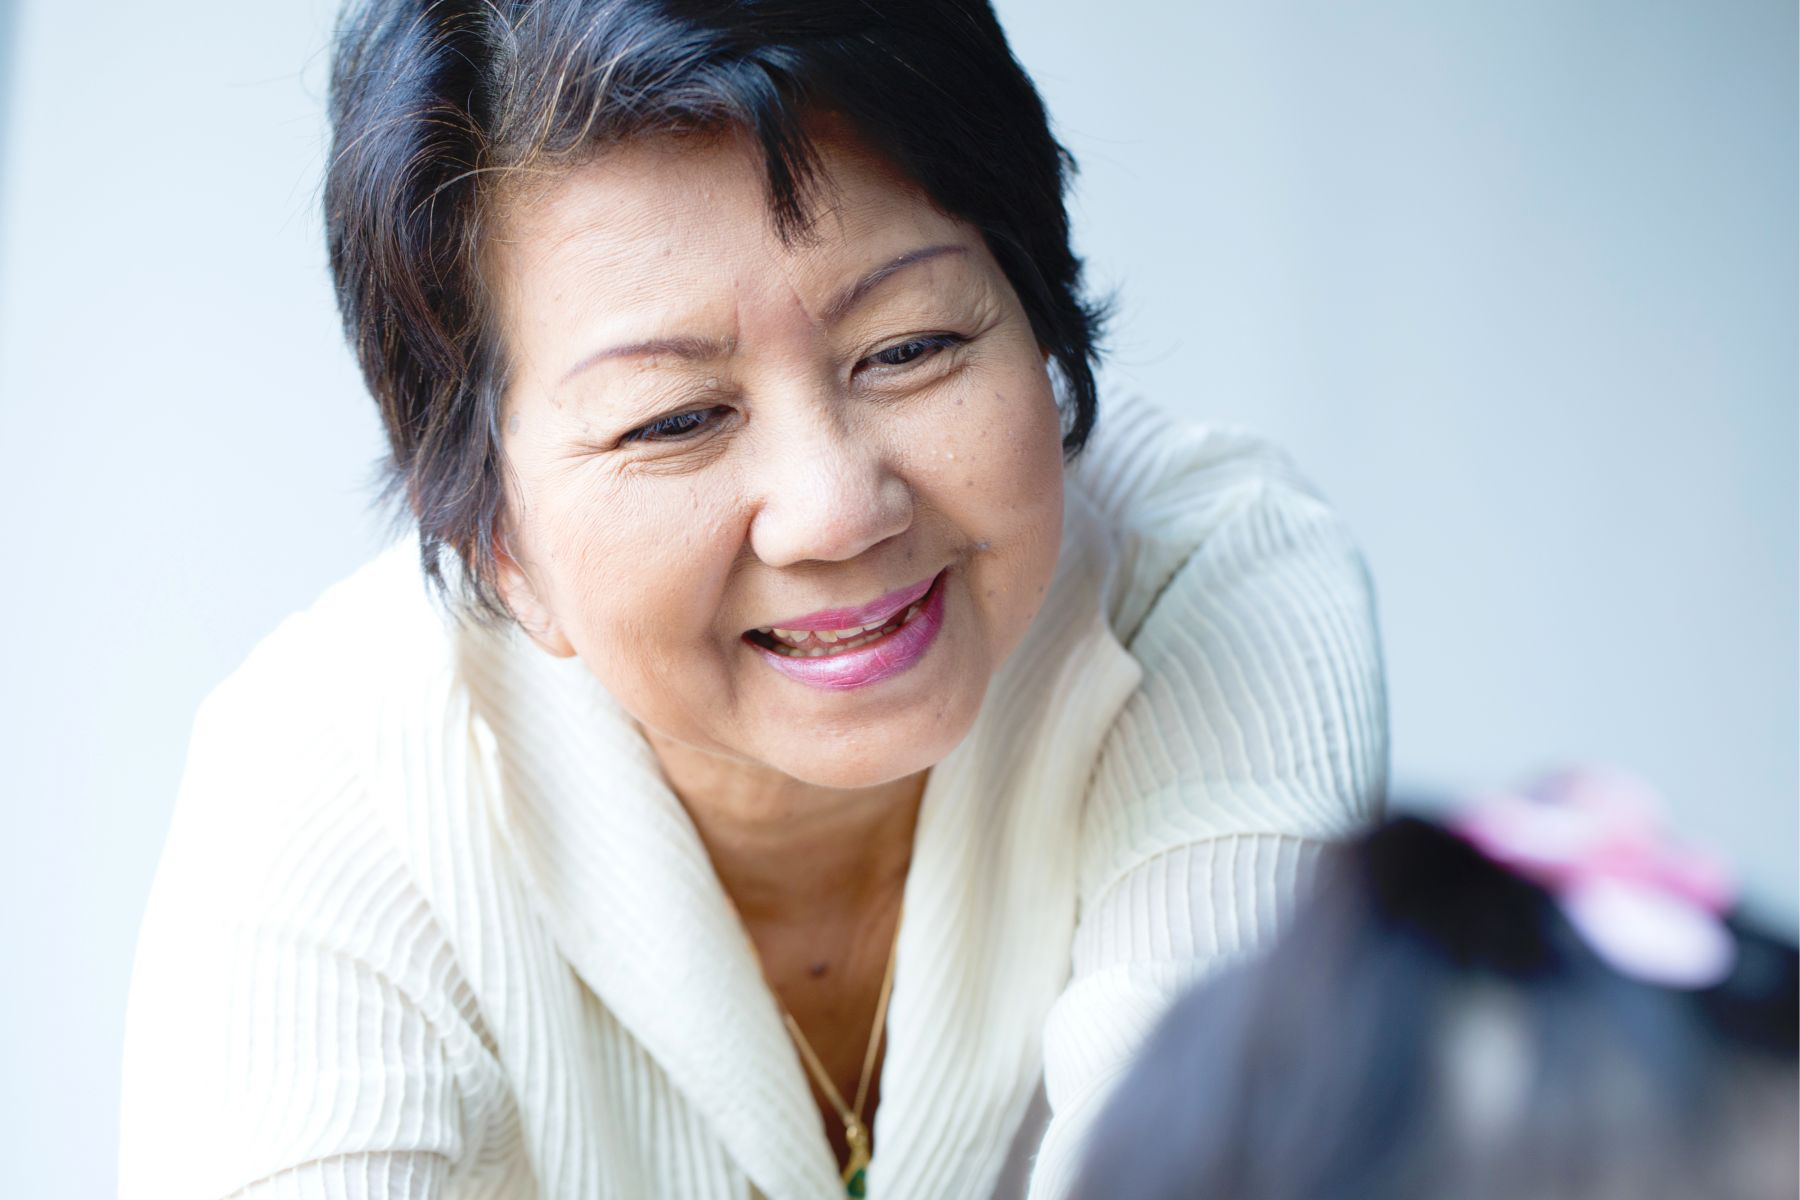 69歲作家最真摯人生告白:日子就該過得輕鬆,快樂是輸送一點善意,與接受他人的小惠